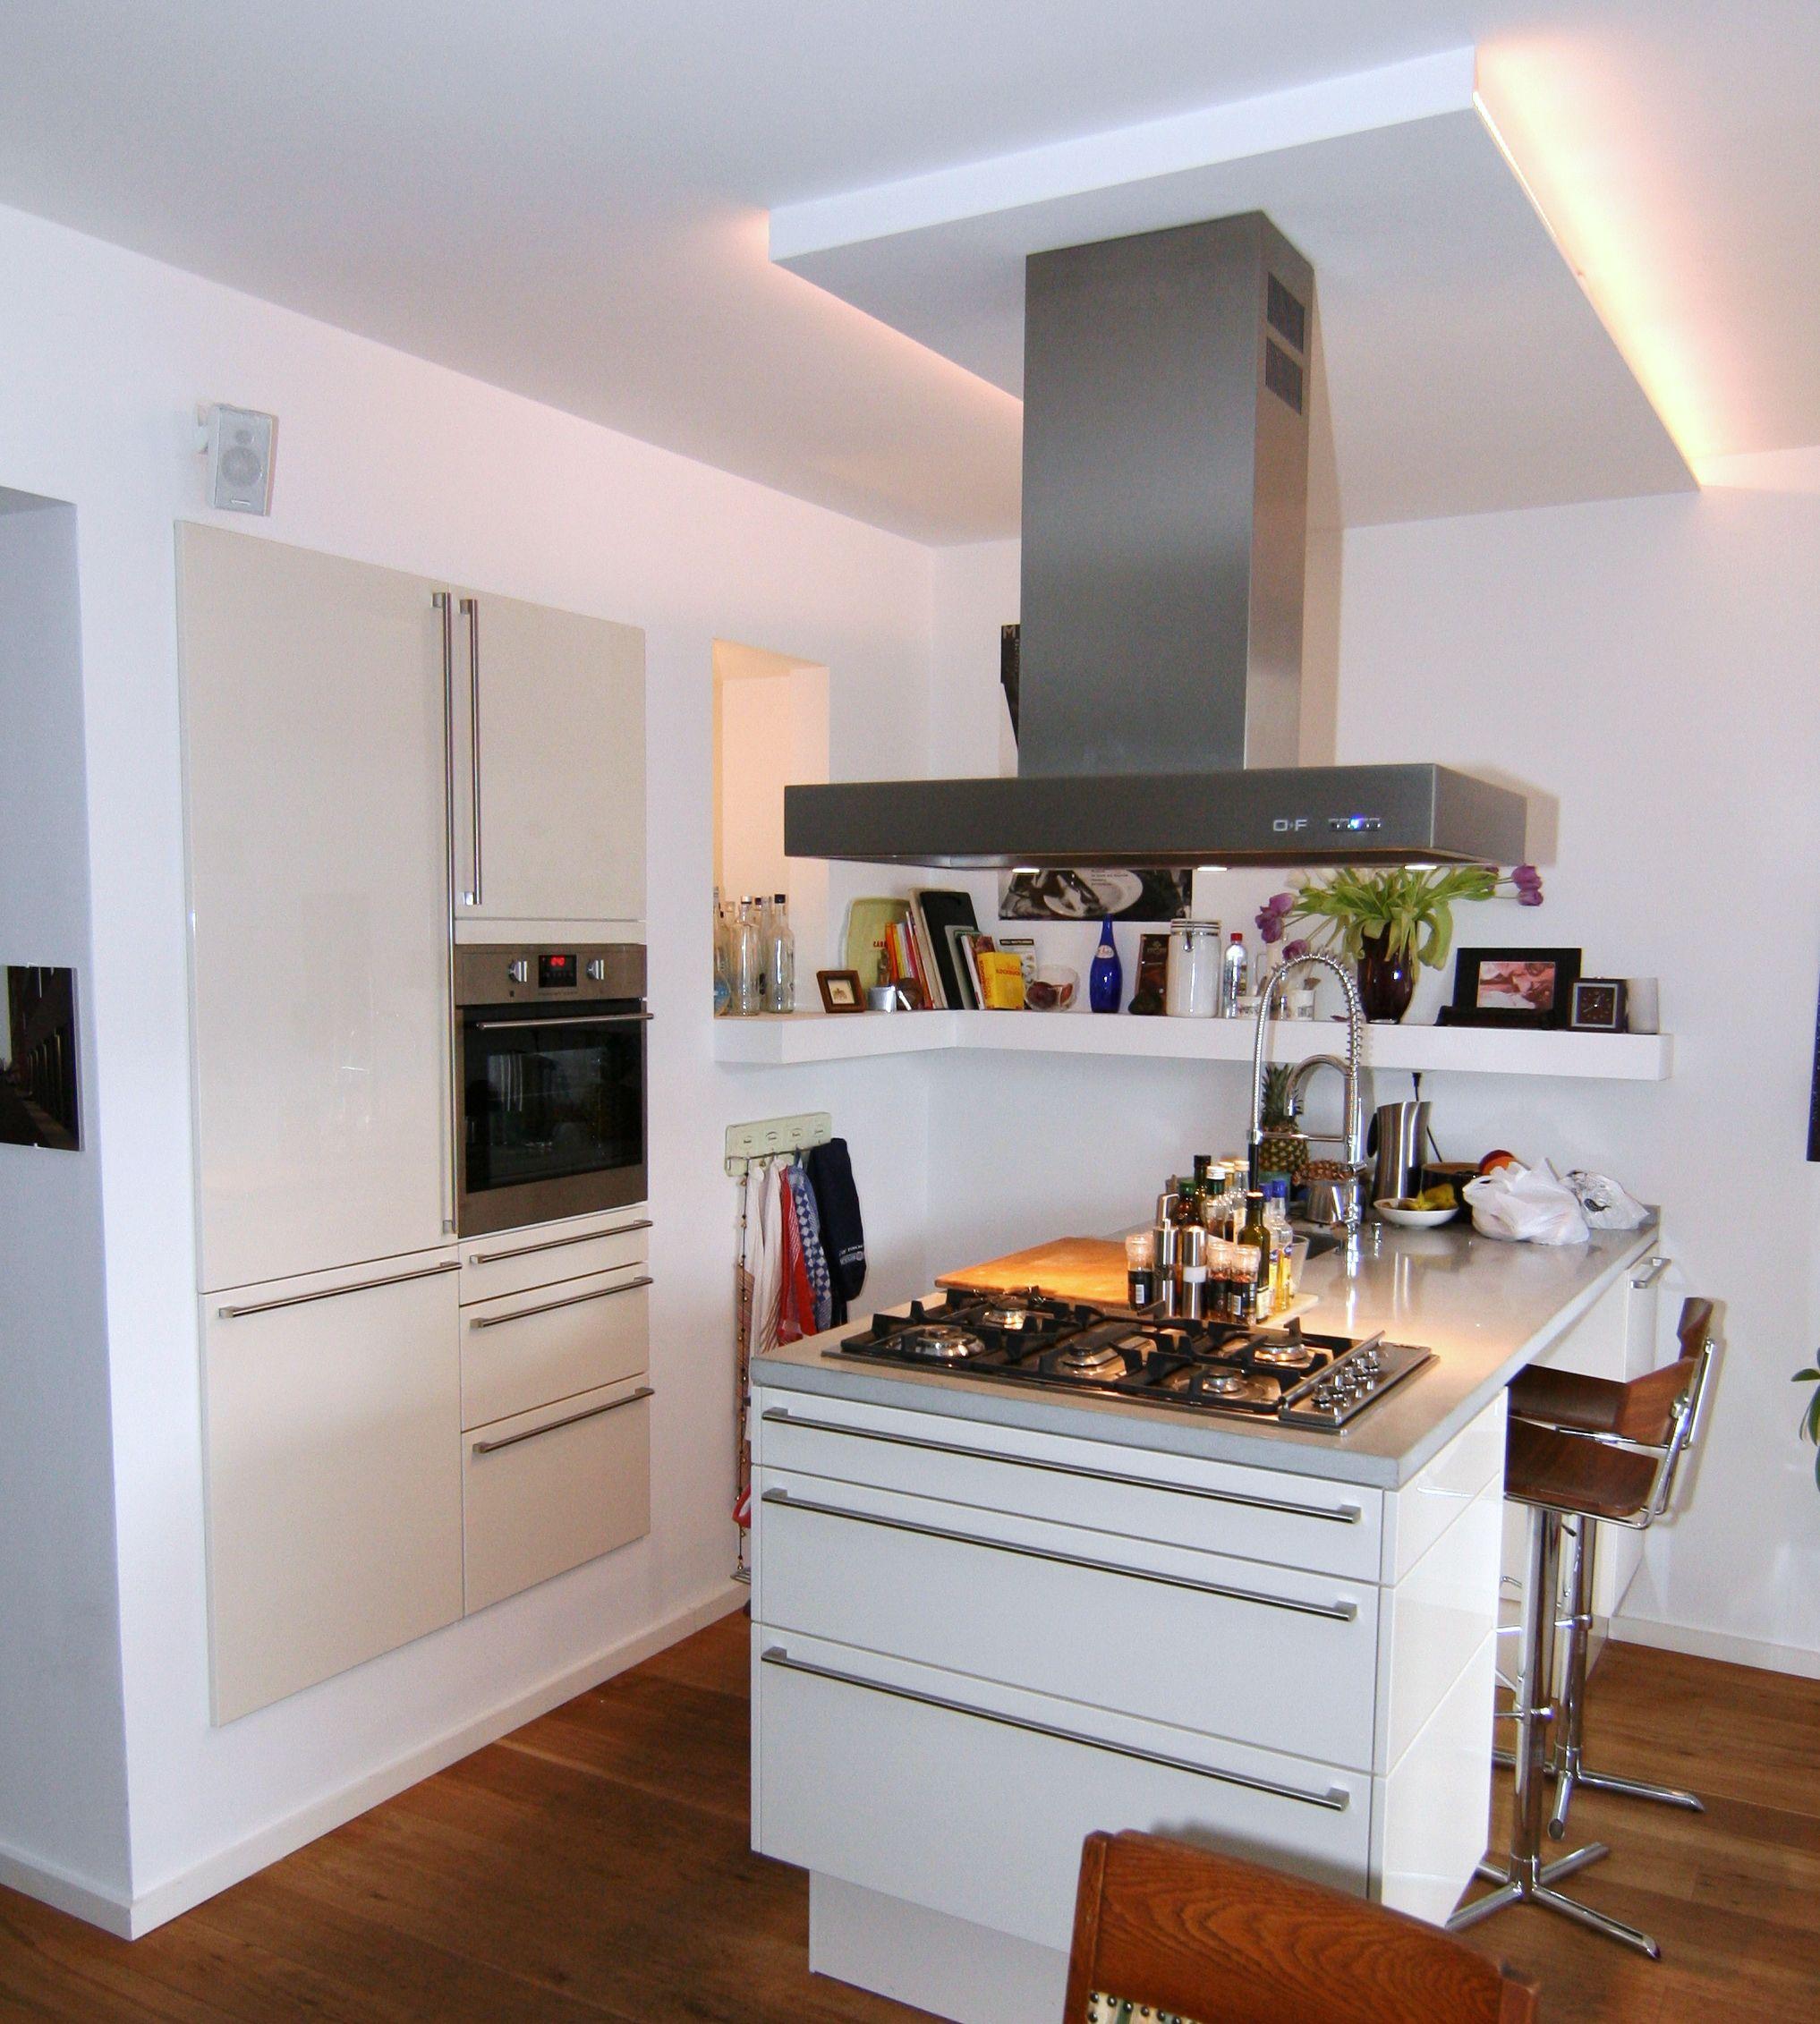 küche mit kochinsel klein - Google-Suche | Kitchen ideas | Pinterest ...